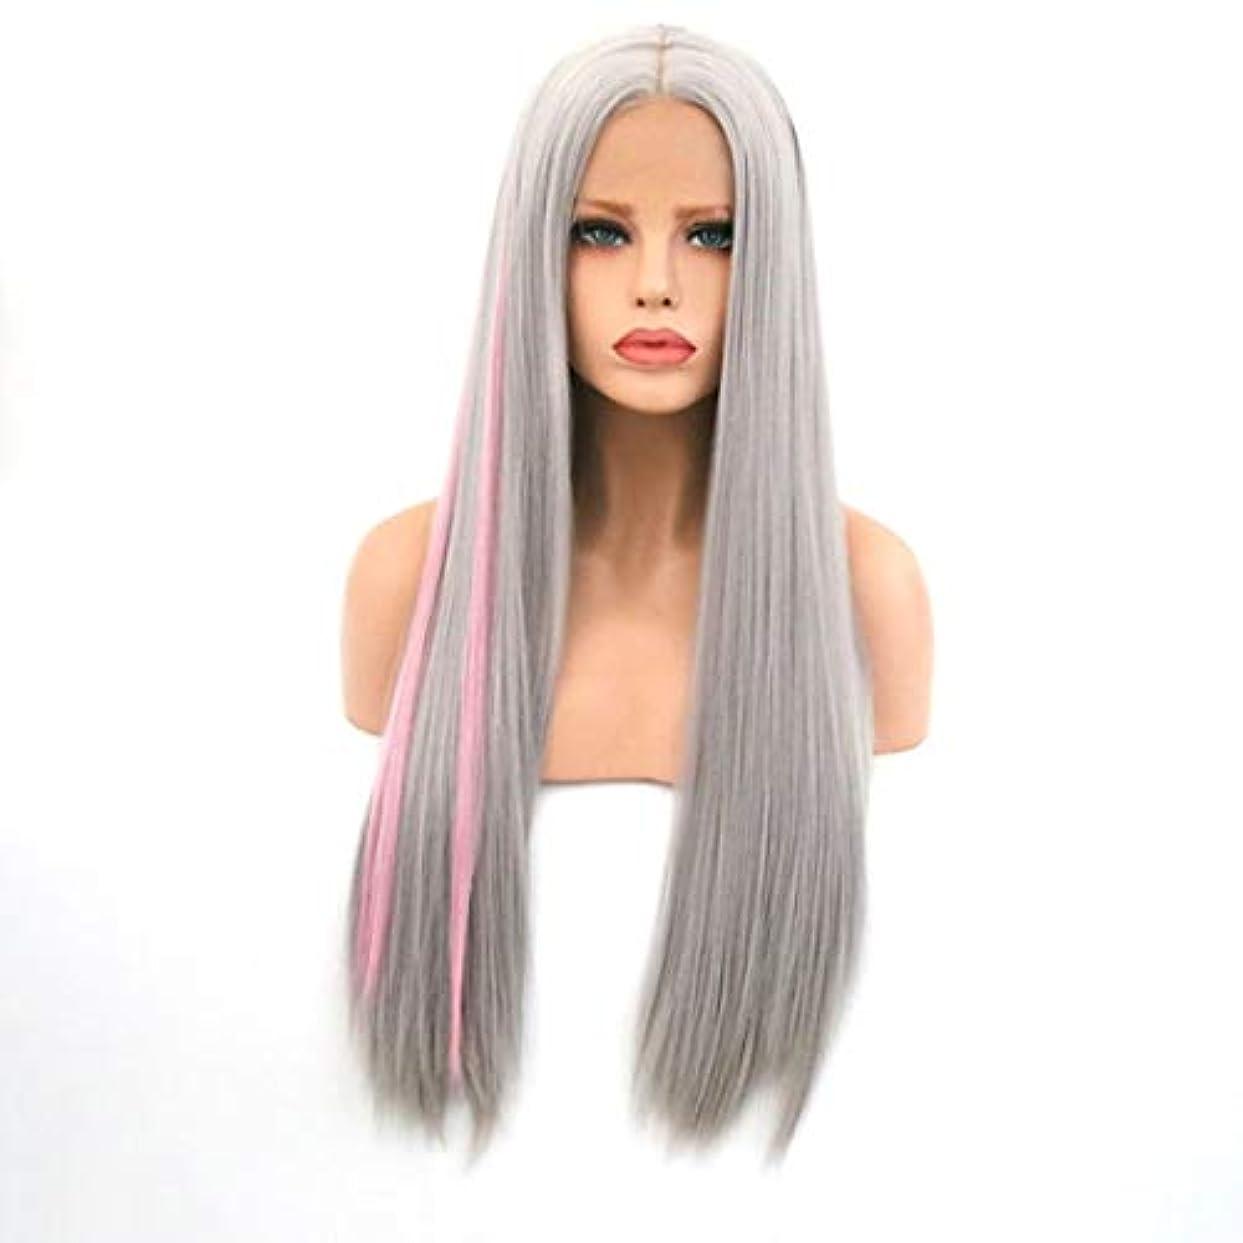 ギャラリー衣装恨みKerwinner 女性のためのロングストレートヘアフロントレース化学繊維ウィッグヘッドギアをかつら